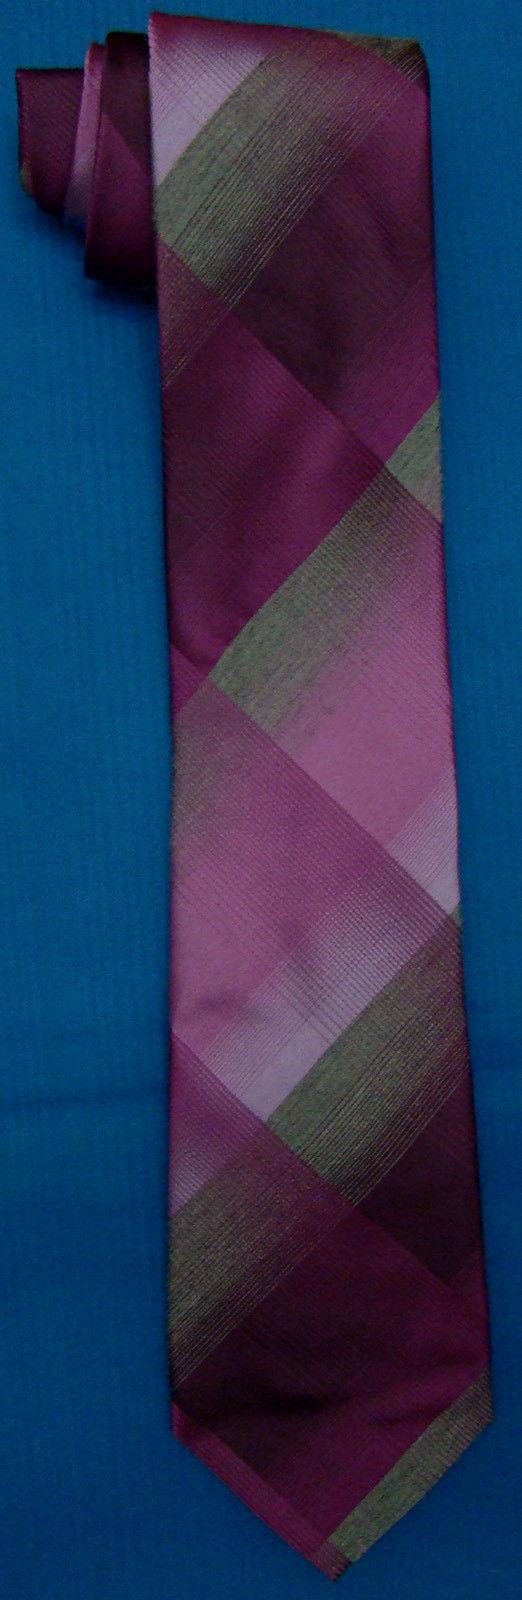 Kenneth Cole Rottweiler Plaid 100% Silk Neck Tie